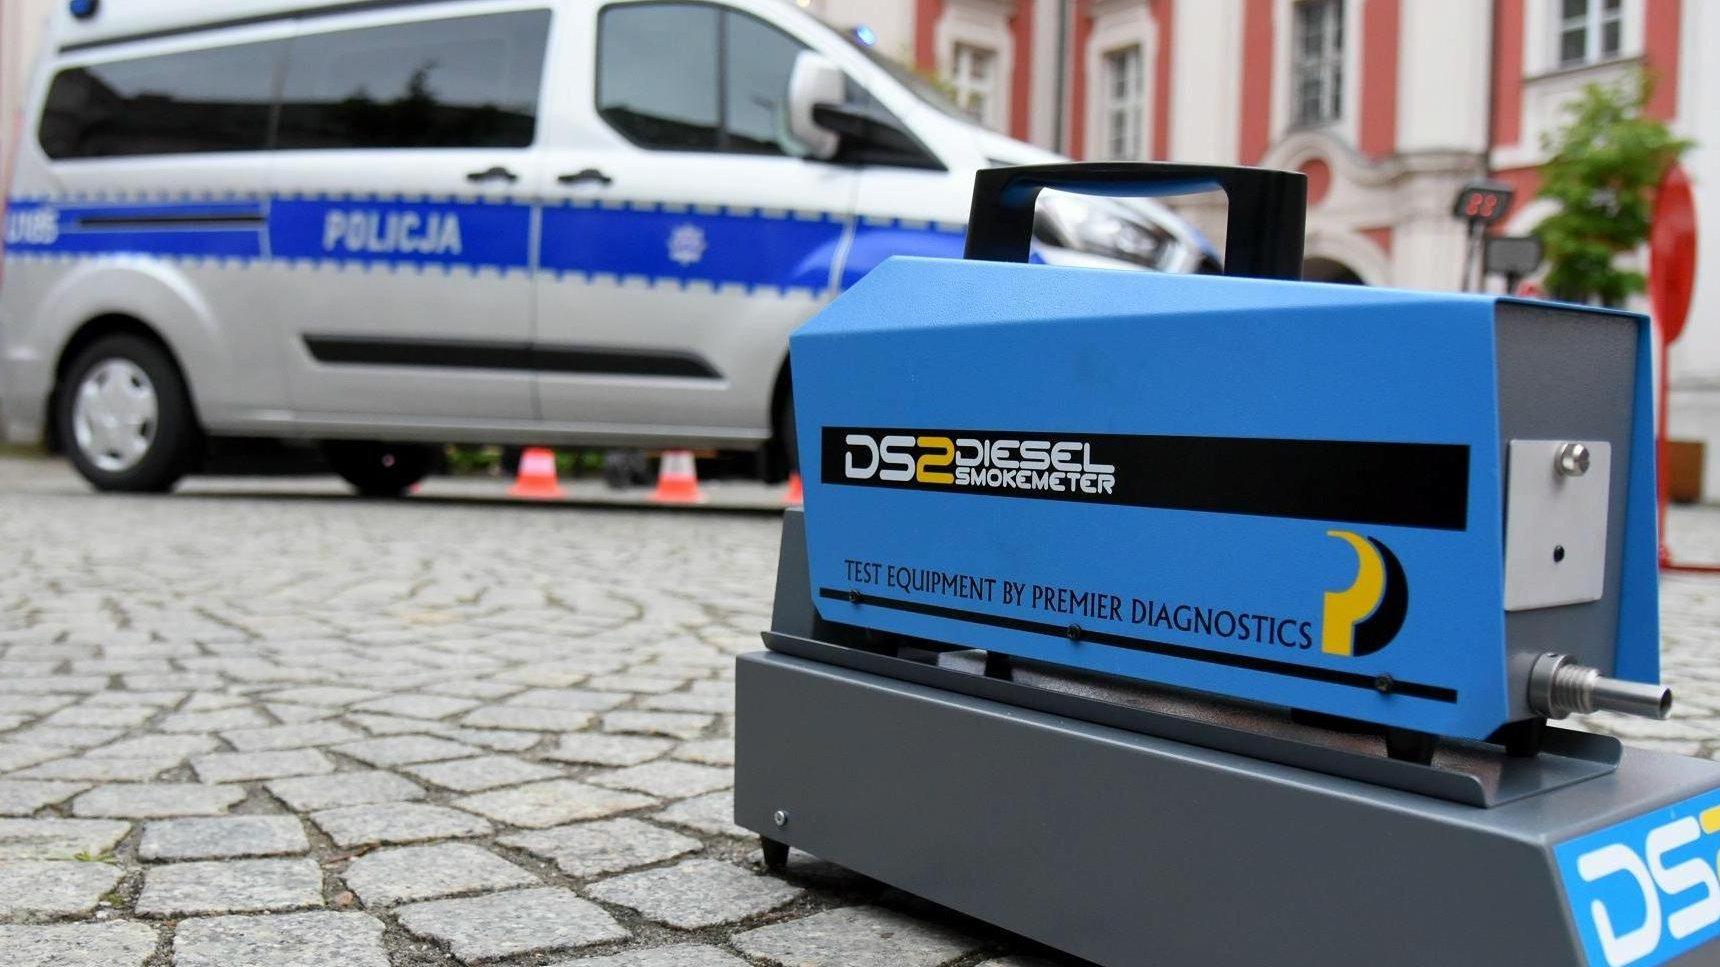 Na pierwszym planie znajduje się urządzenie do pomiaru spalin. W tle widać policyjny samochód oraz urząd miasta. - grafika artykułu